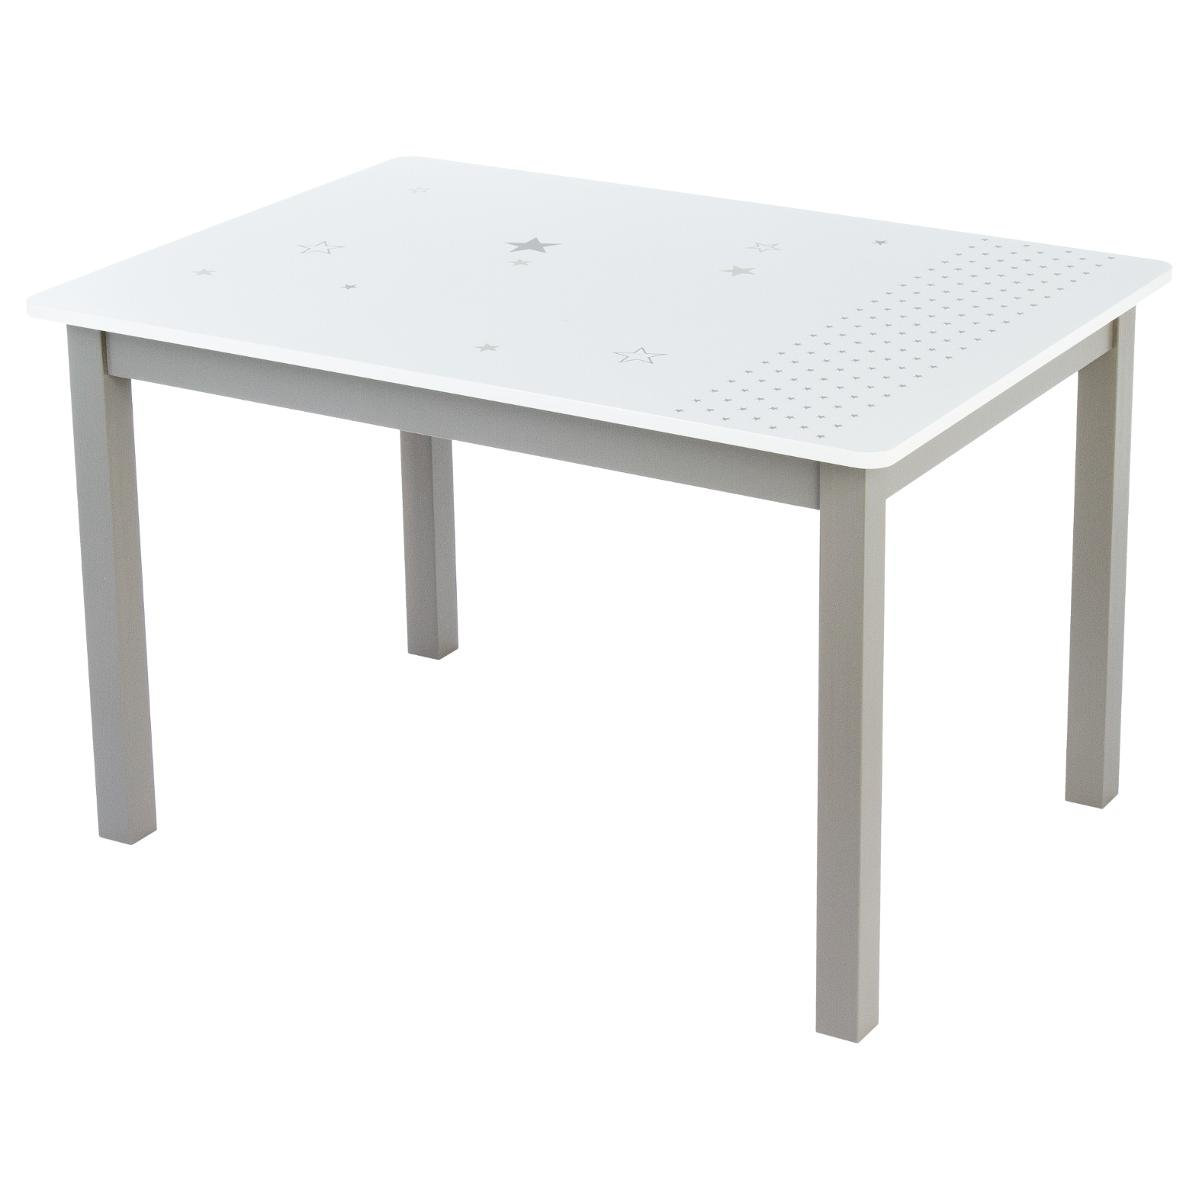 Conception et Plan petite table enfant : Tables pour enfants | Amazon.fr